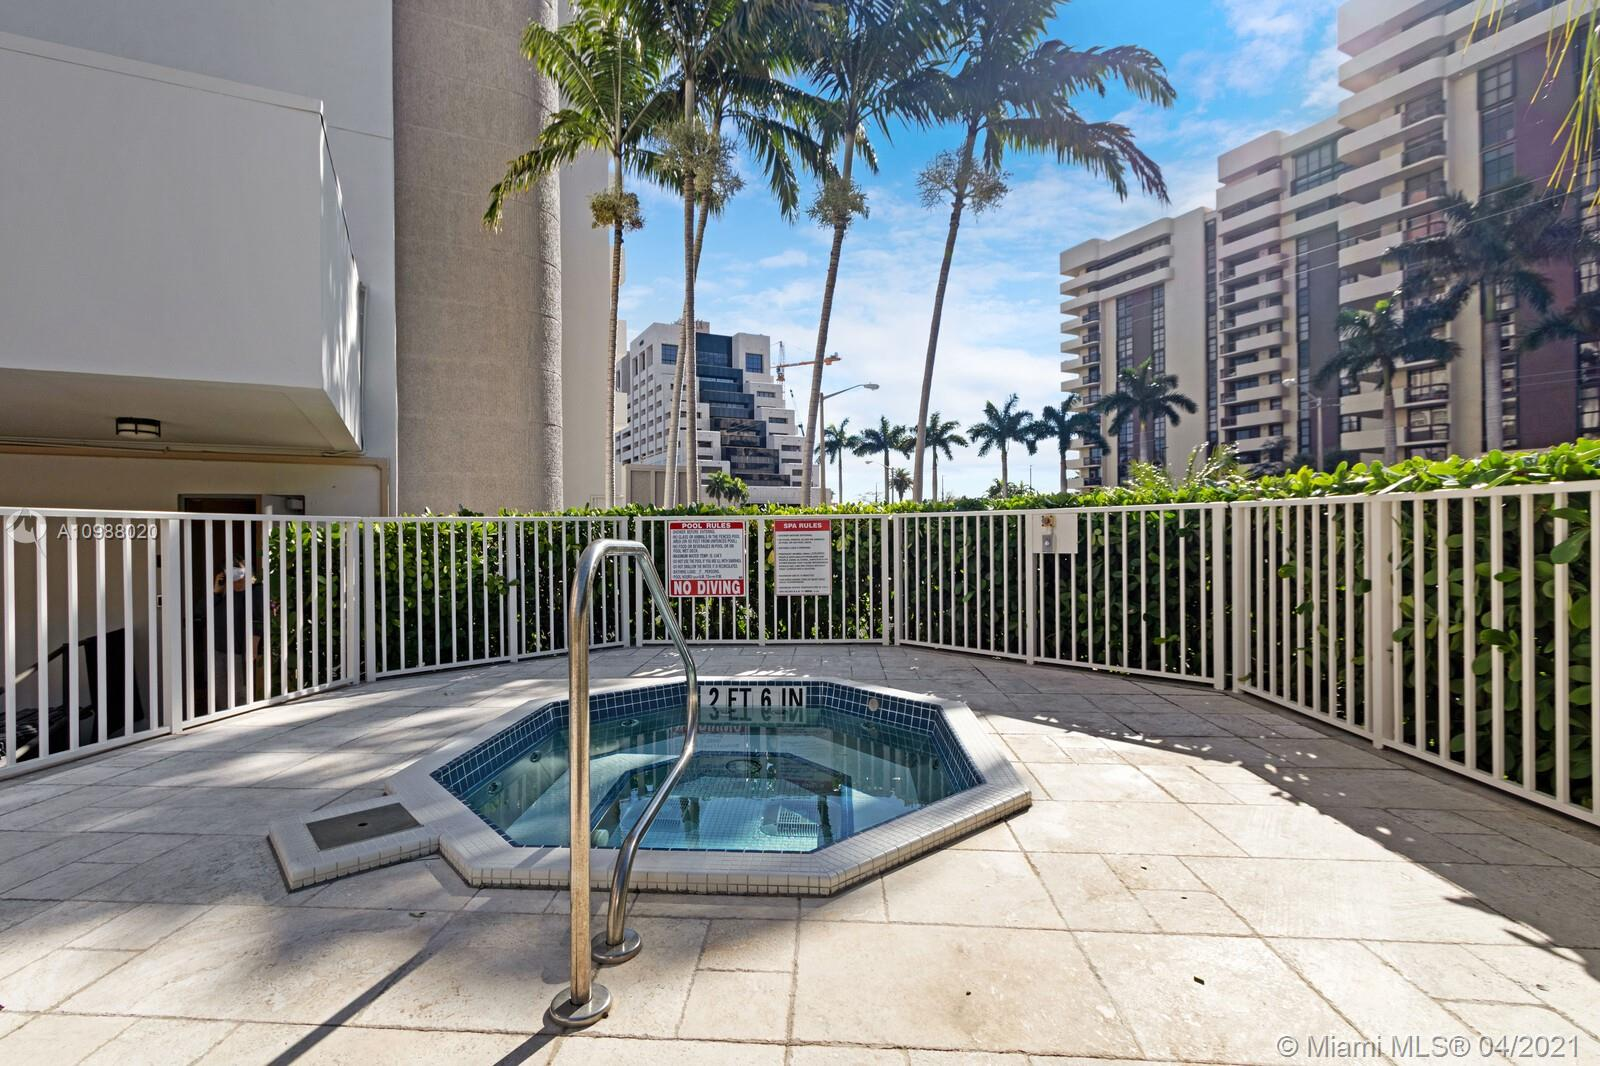 625 Biltmore Way # 103, Coral Gables, Florida 33134, 2 Bedrooms Bedrooms, ,2 BathroomsBathrooms,Residential,For Sale,625 Biltmore Way # 103,A10988020